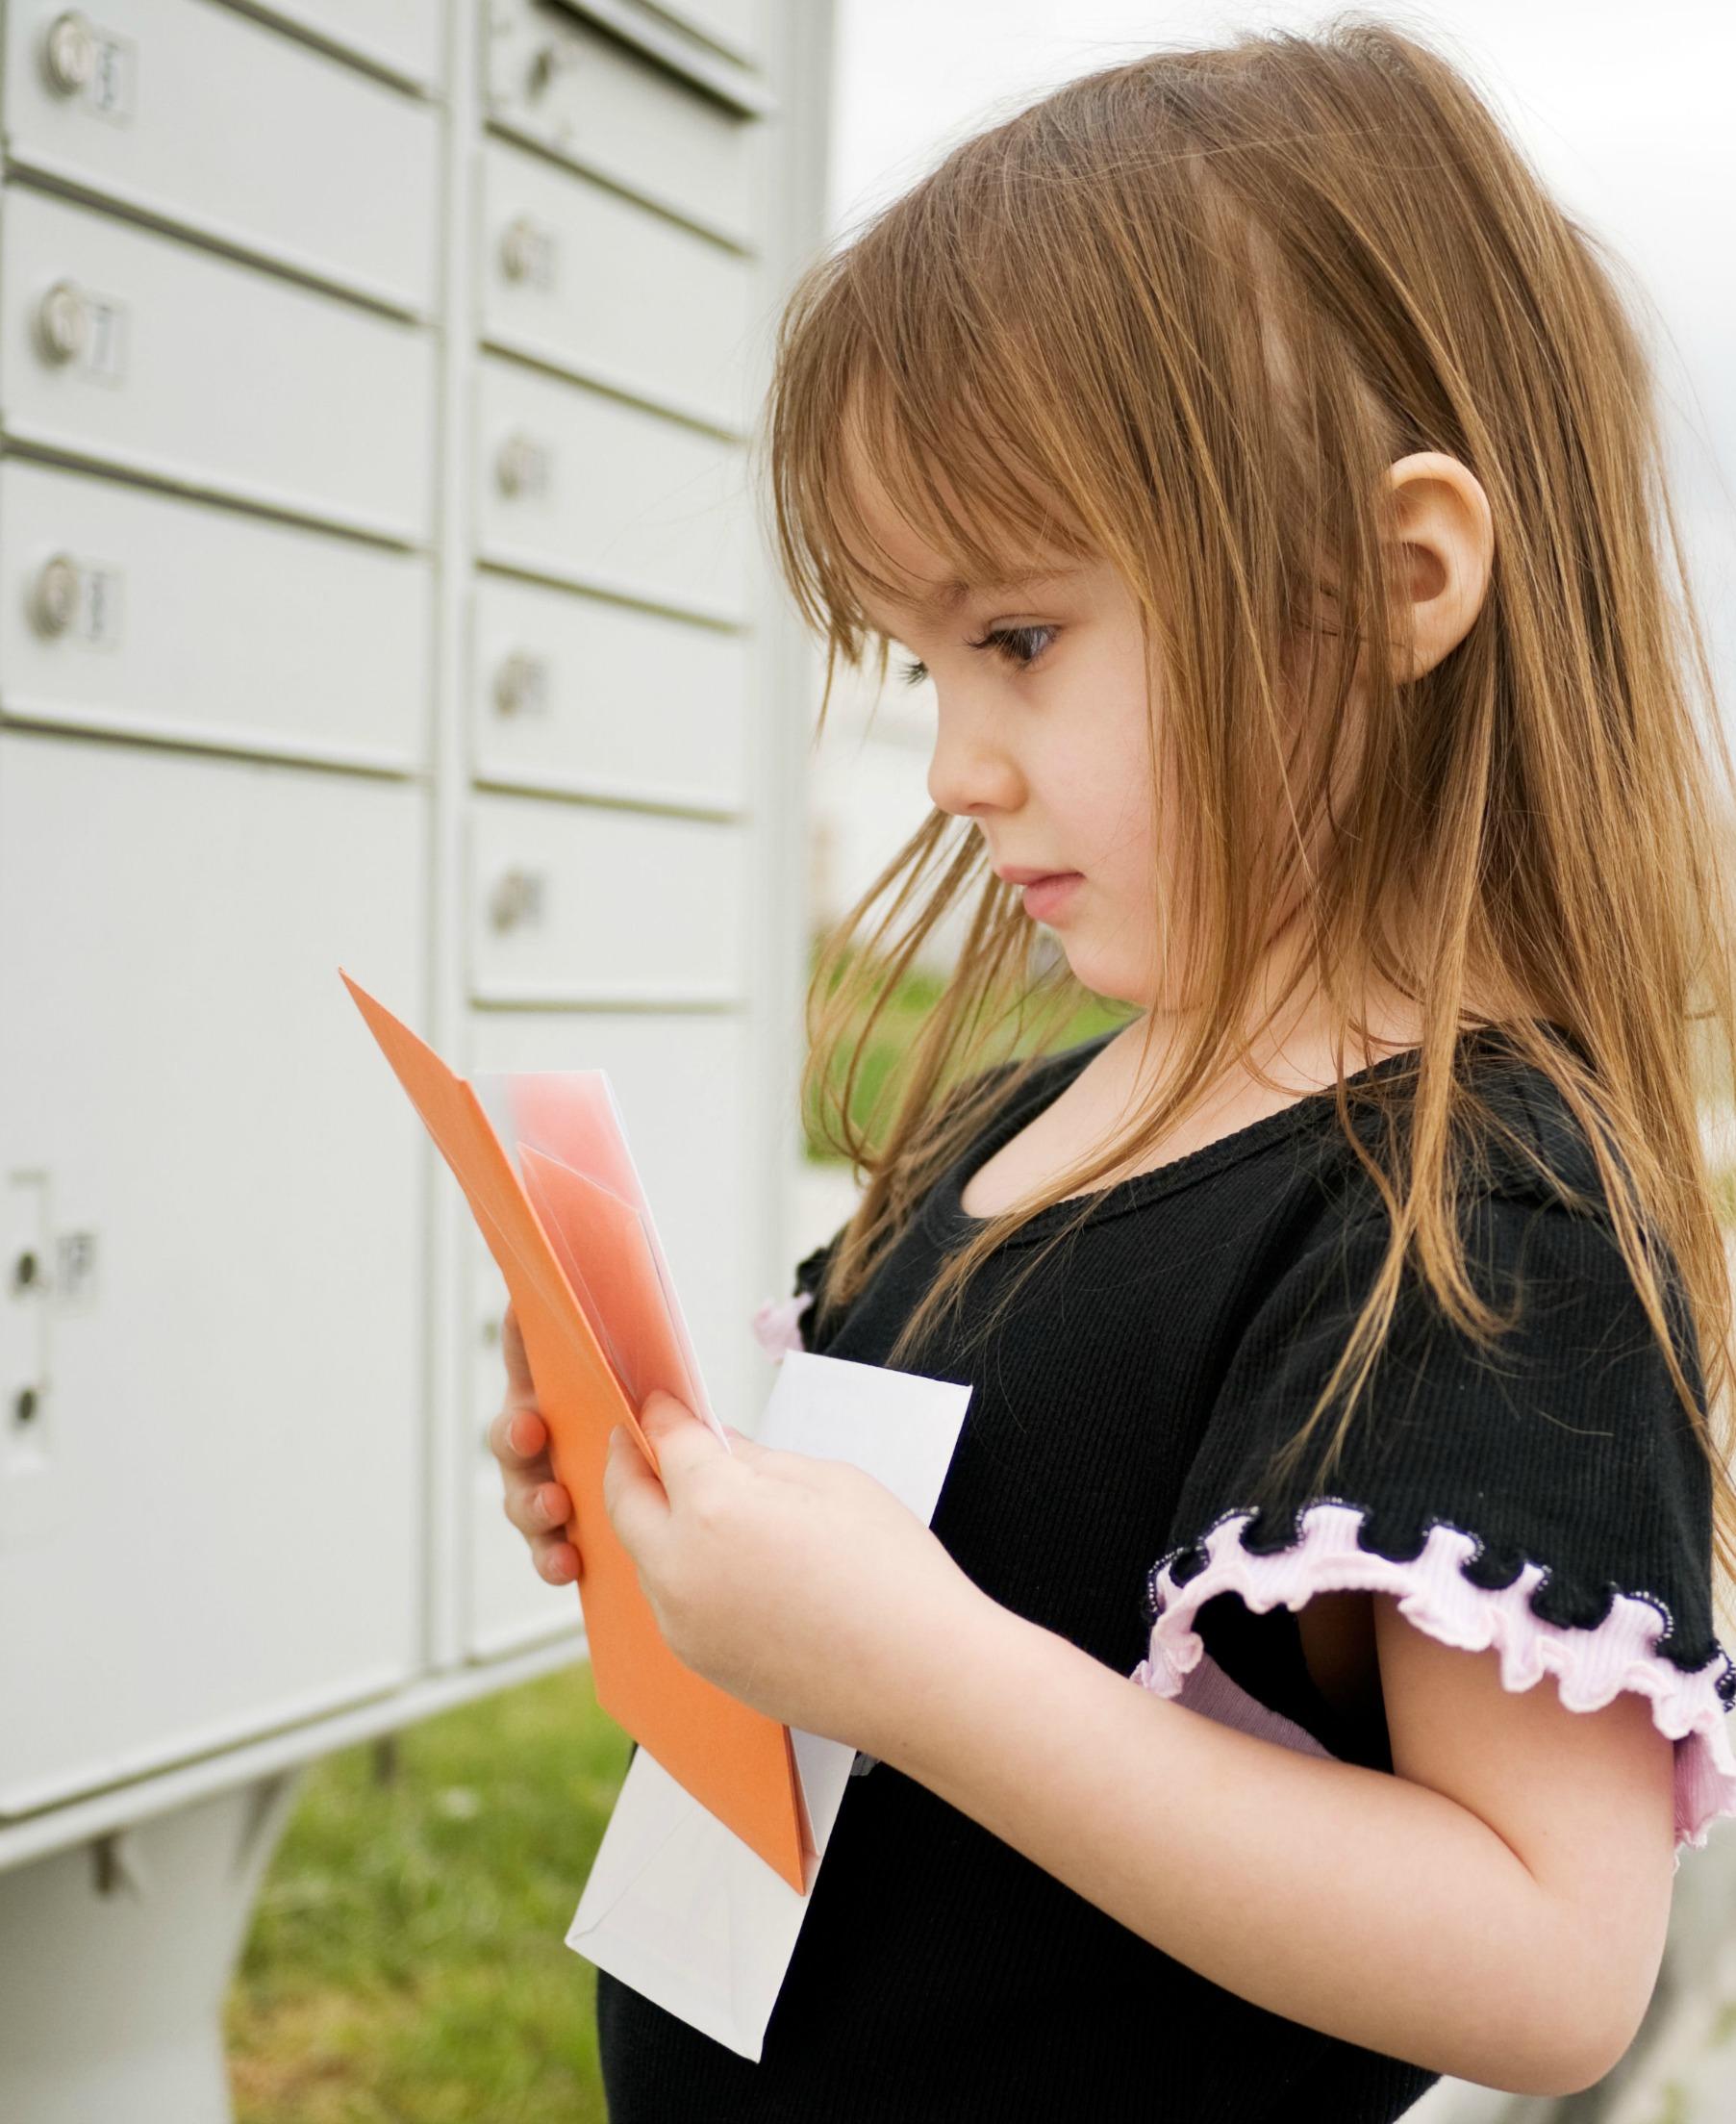 kids love mail in their mailbox